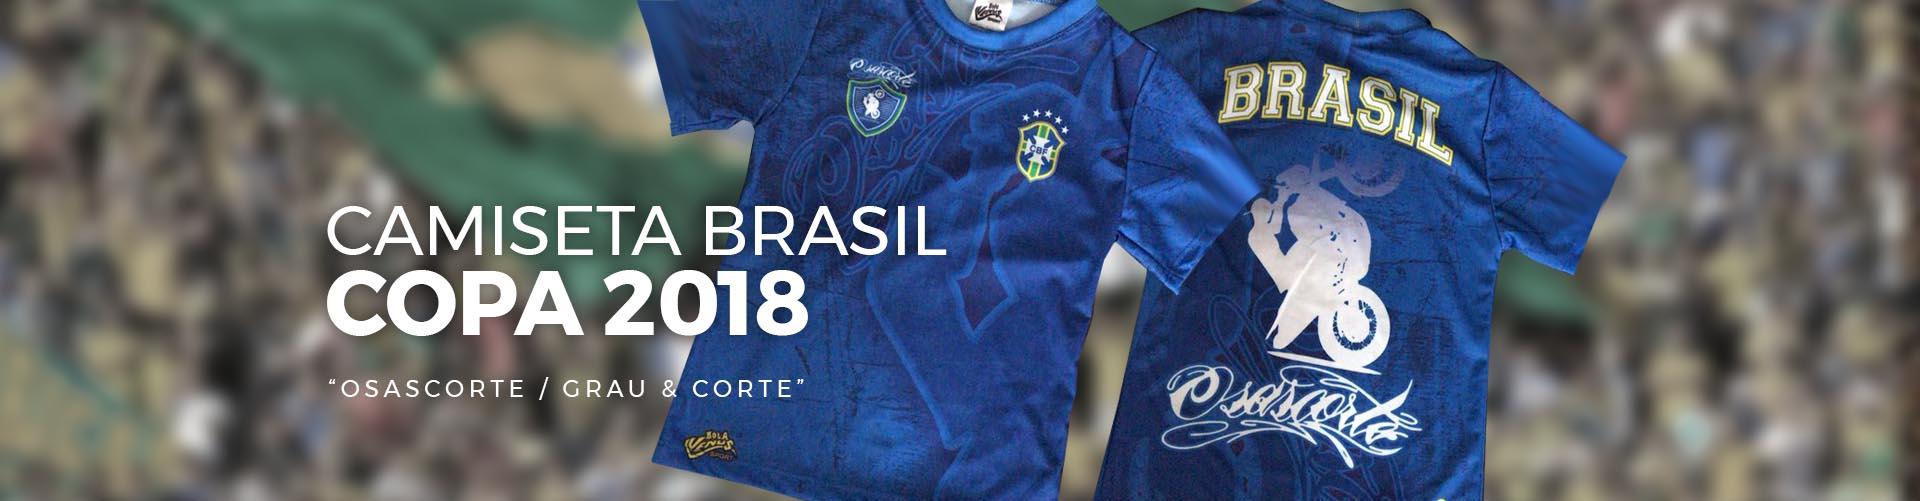 Camiseta Copa 2018